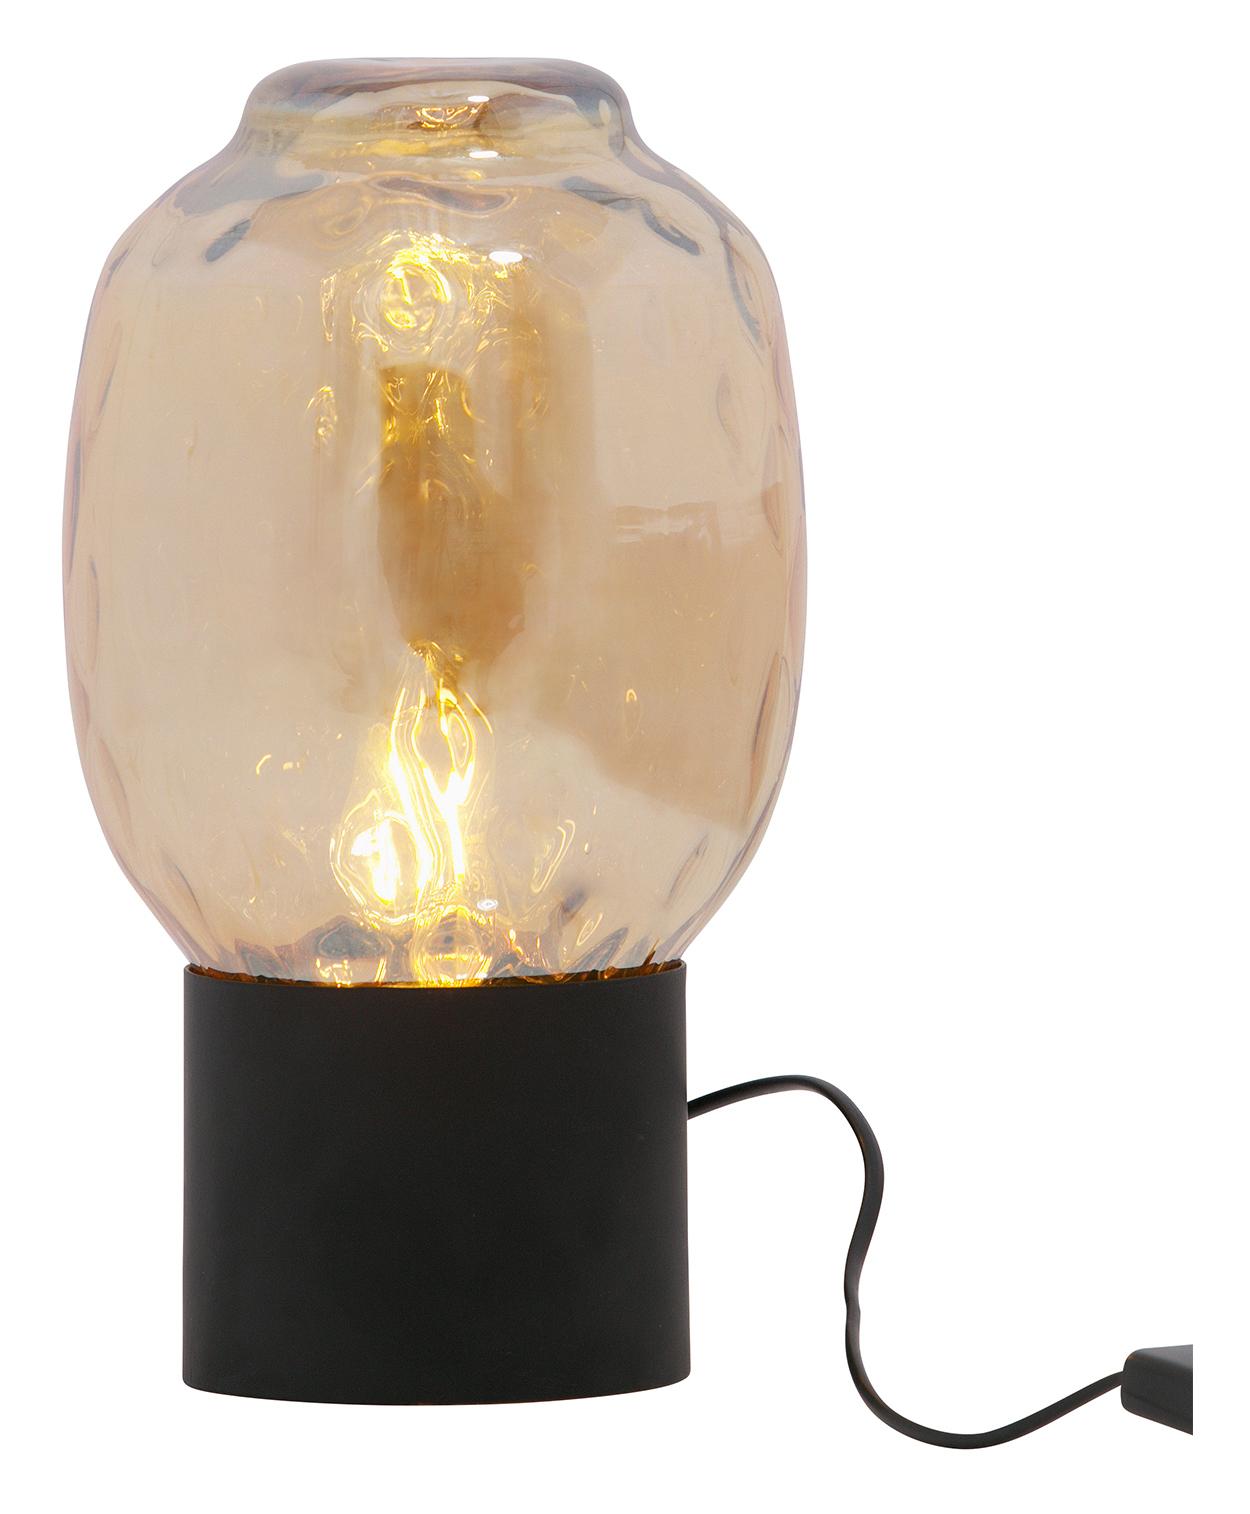 BePureHome Tafellamp 'Bubble' Maat L, kleur Antique Brass  kopen